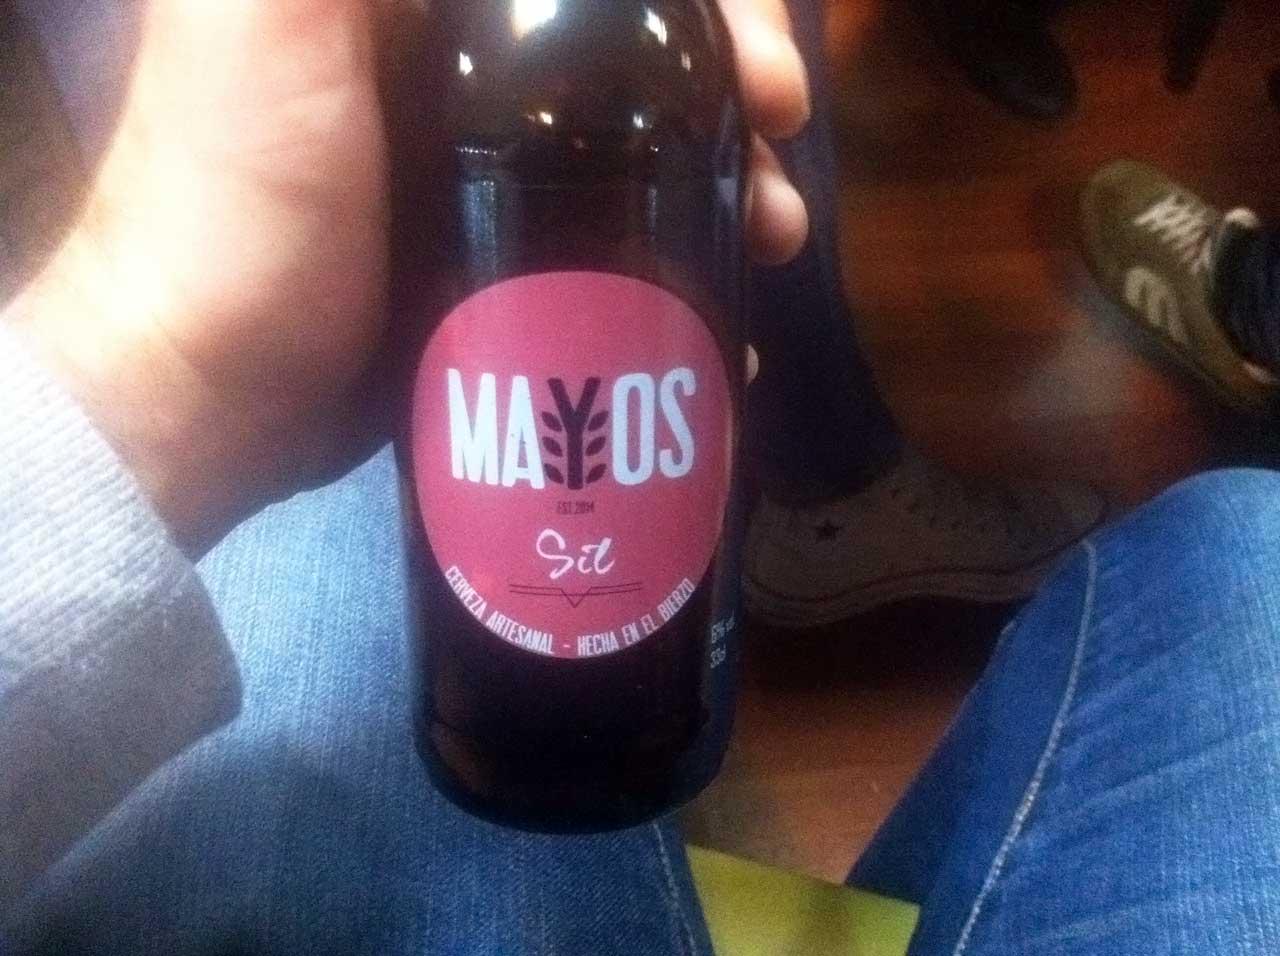 Cerveza Sil Red Ale de Mayos